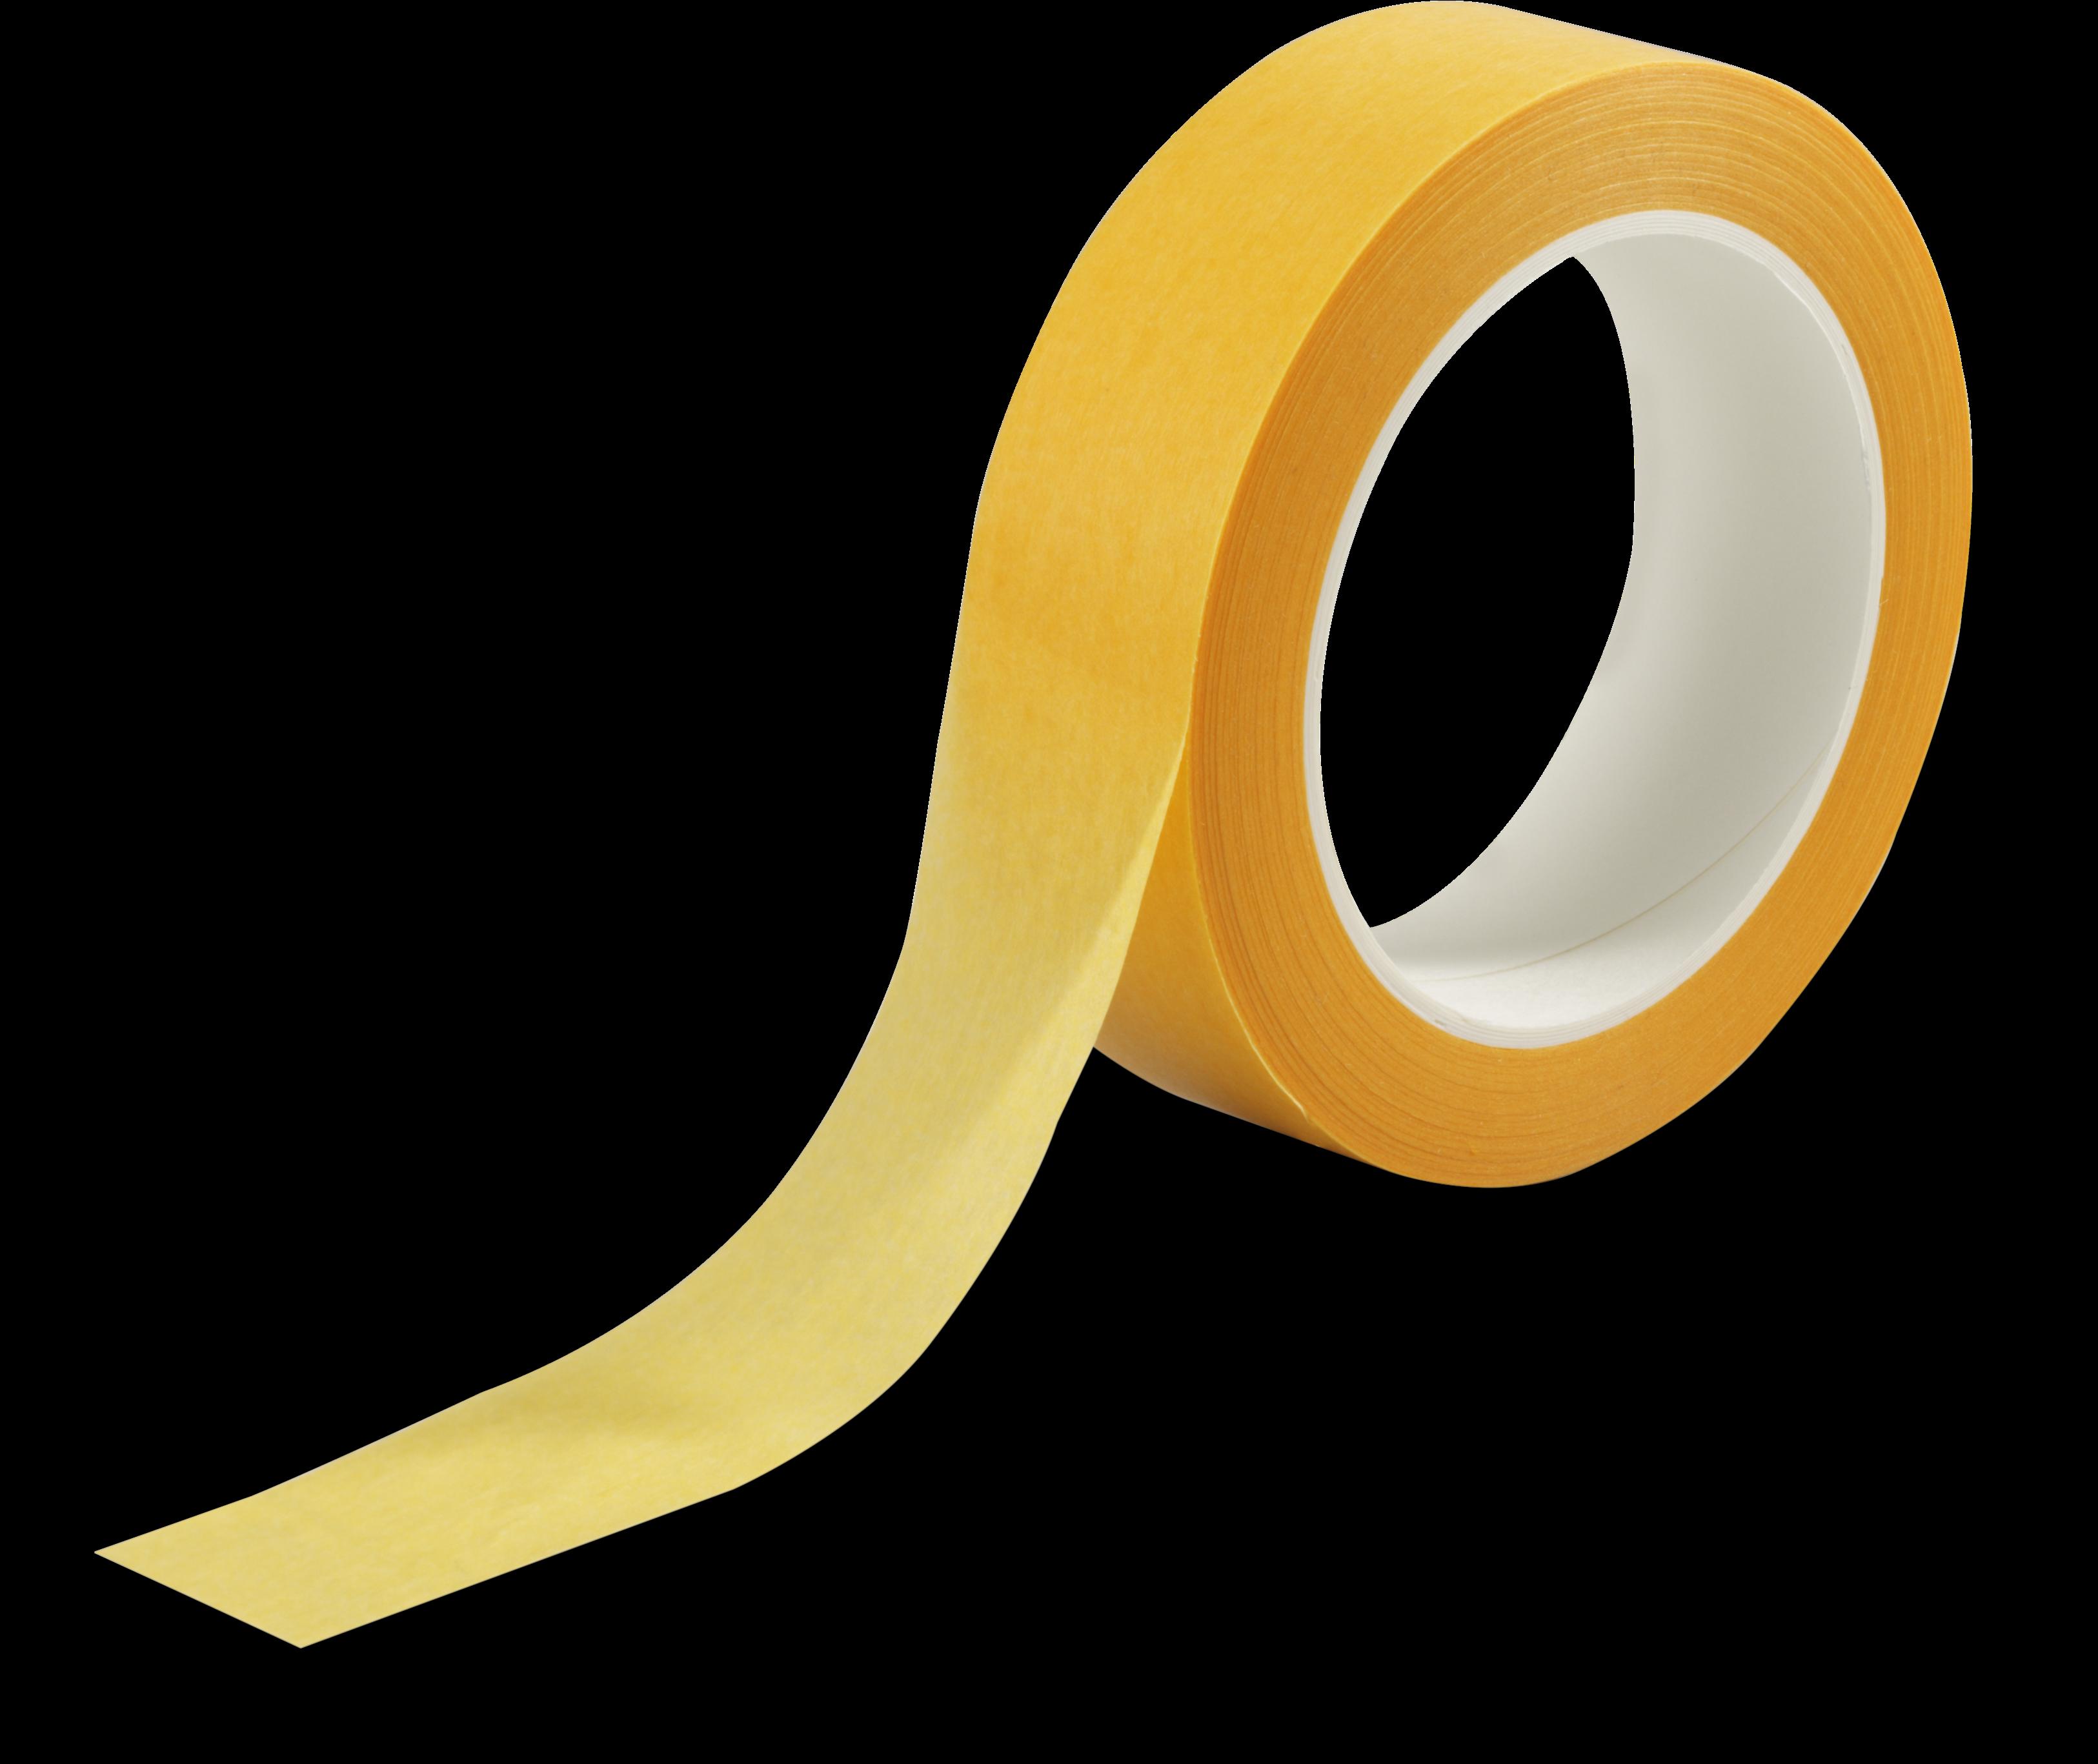 Download Clipart Masking Tape Png, Transparent Png - vhv